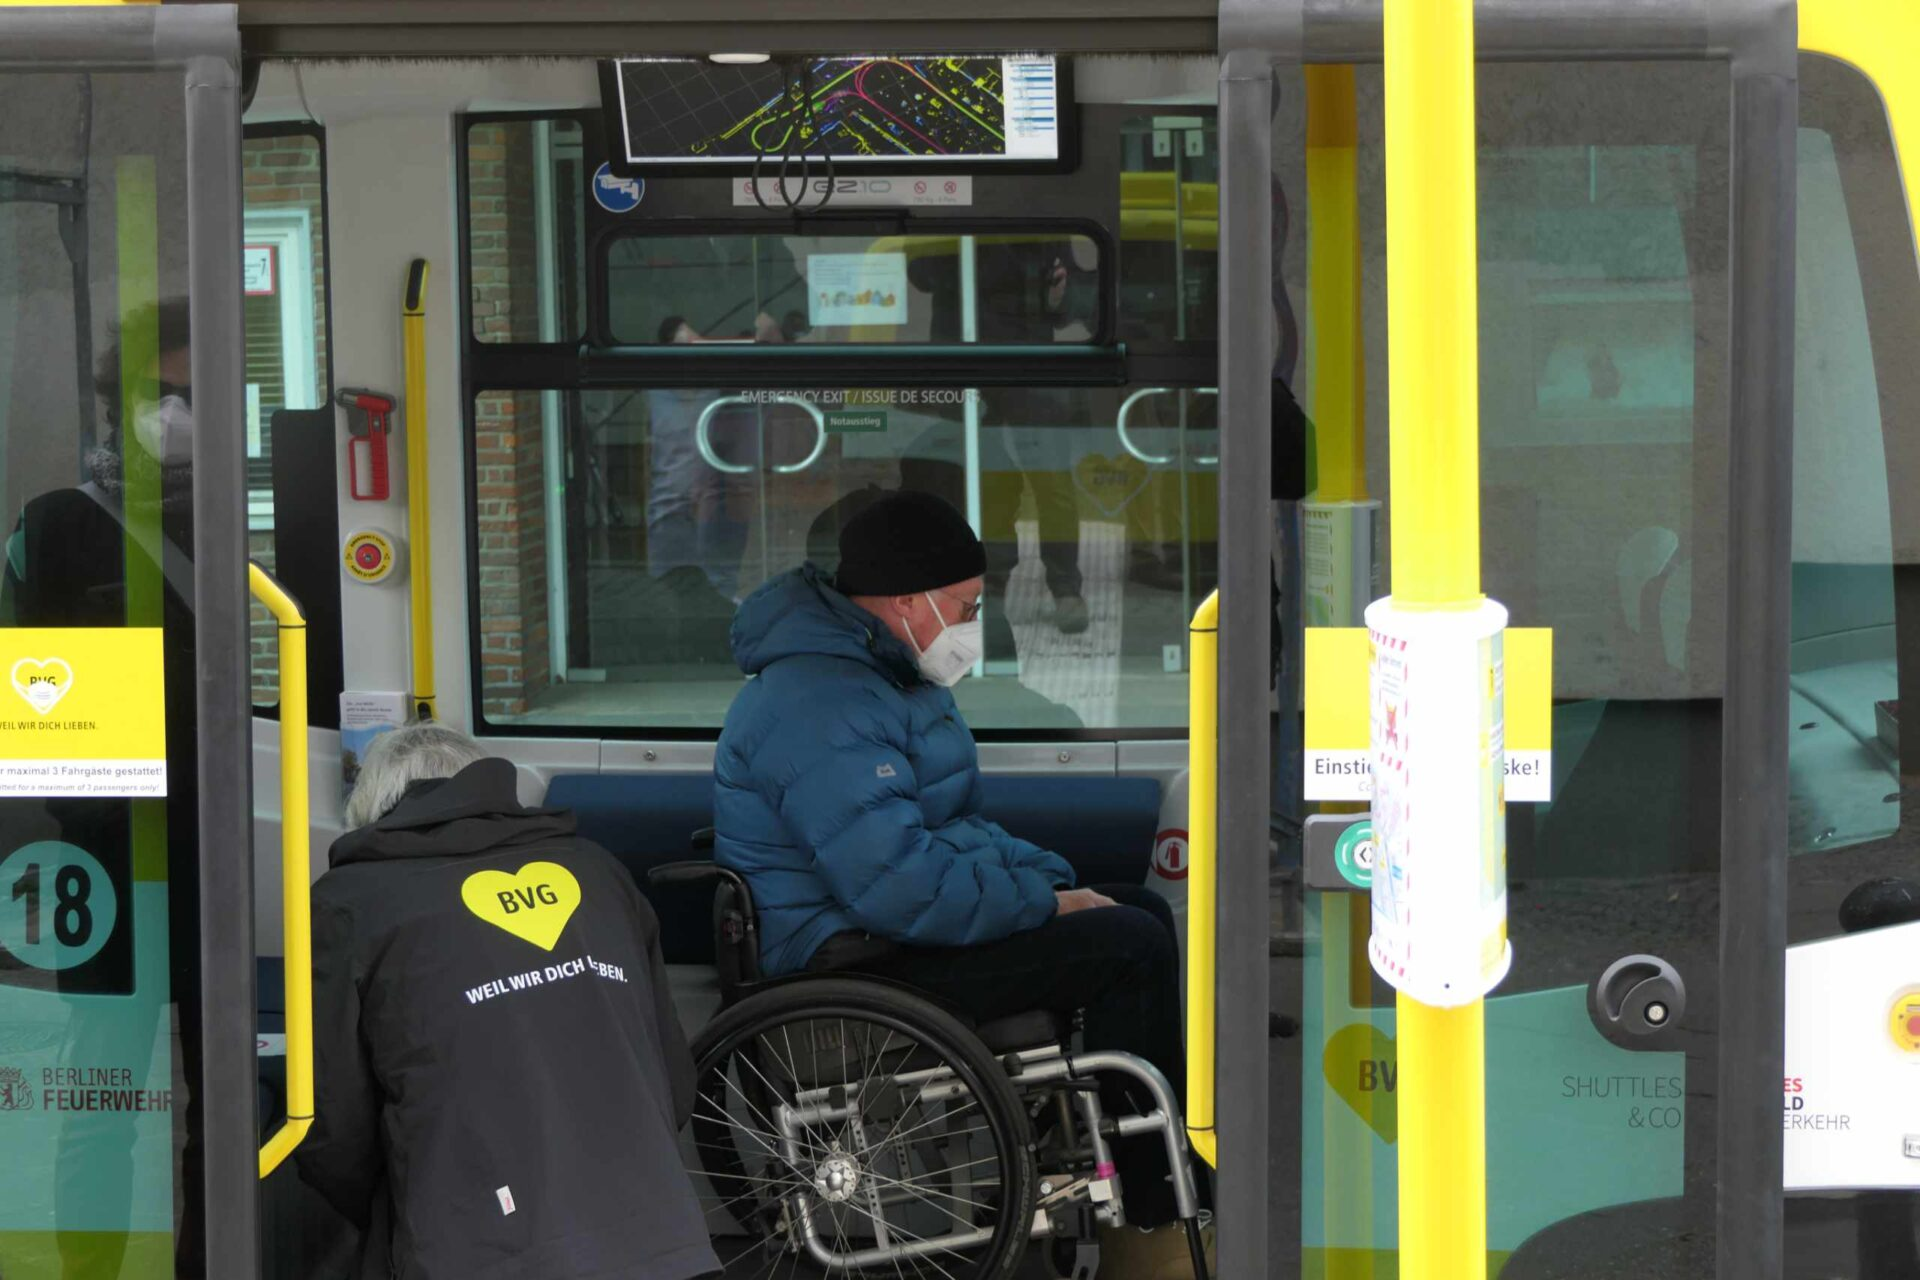 Rollstuhtauglichkeit der Shuttles bei der Testfahrt auf der Bürgerkonferenz geprobt